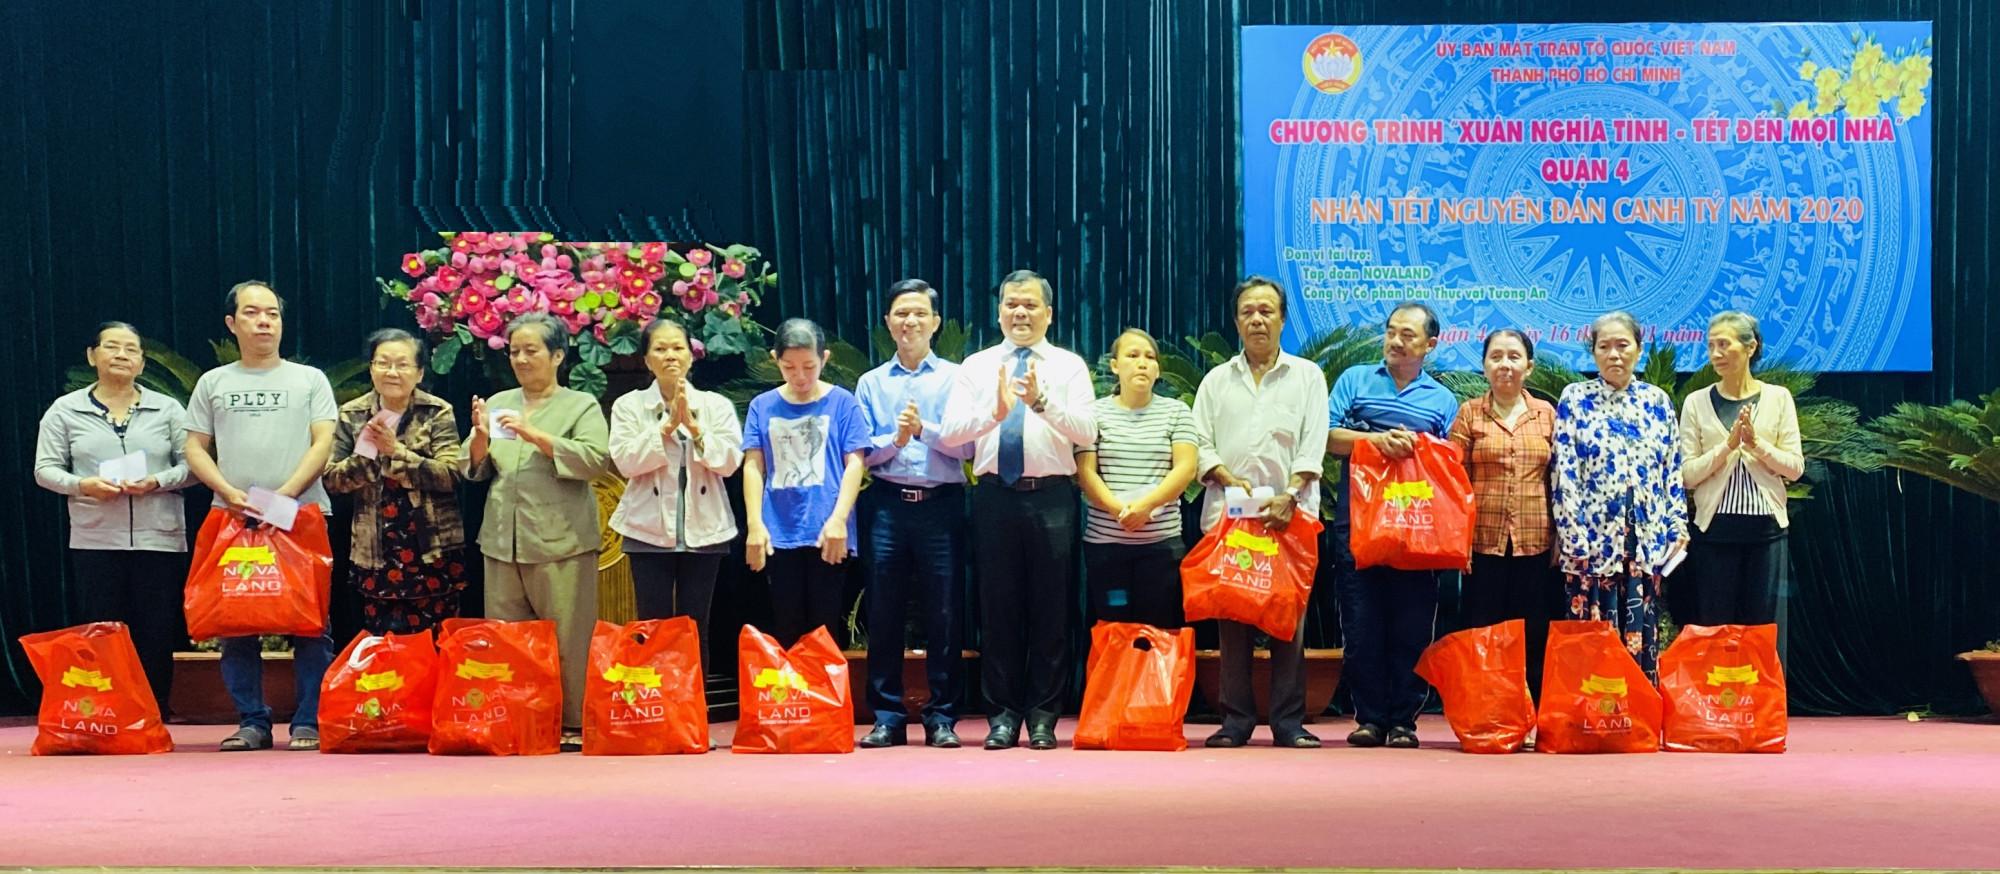 Trao tặng 300 phần quà đến các hộ gia đình tại quận 4, TP.HCM